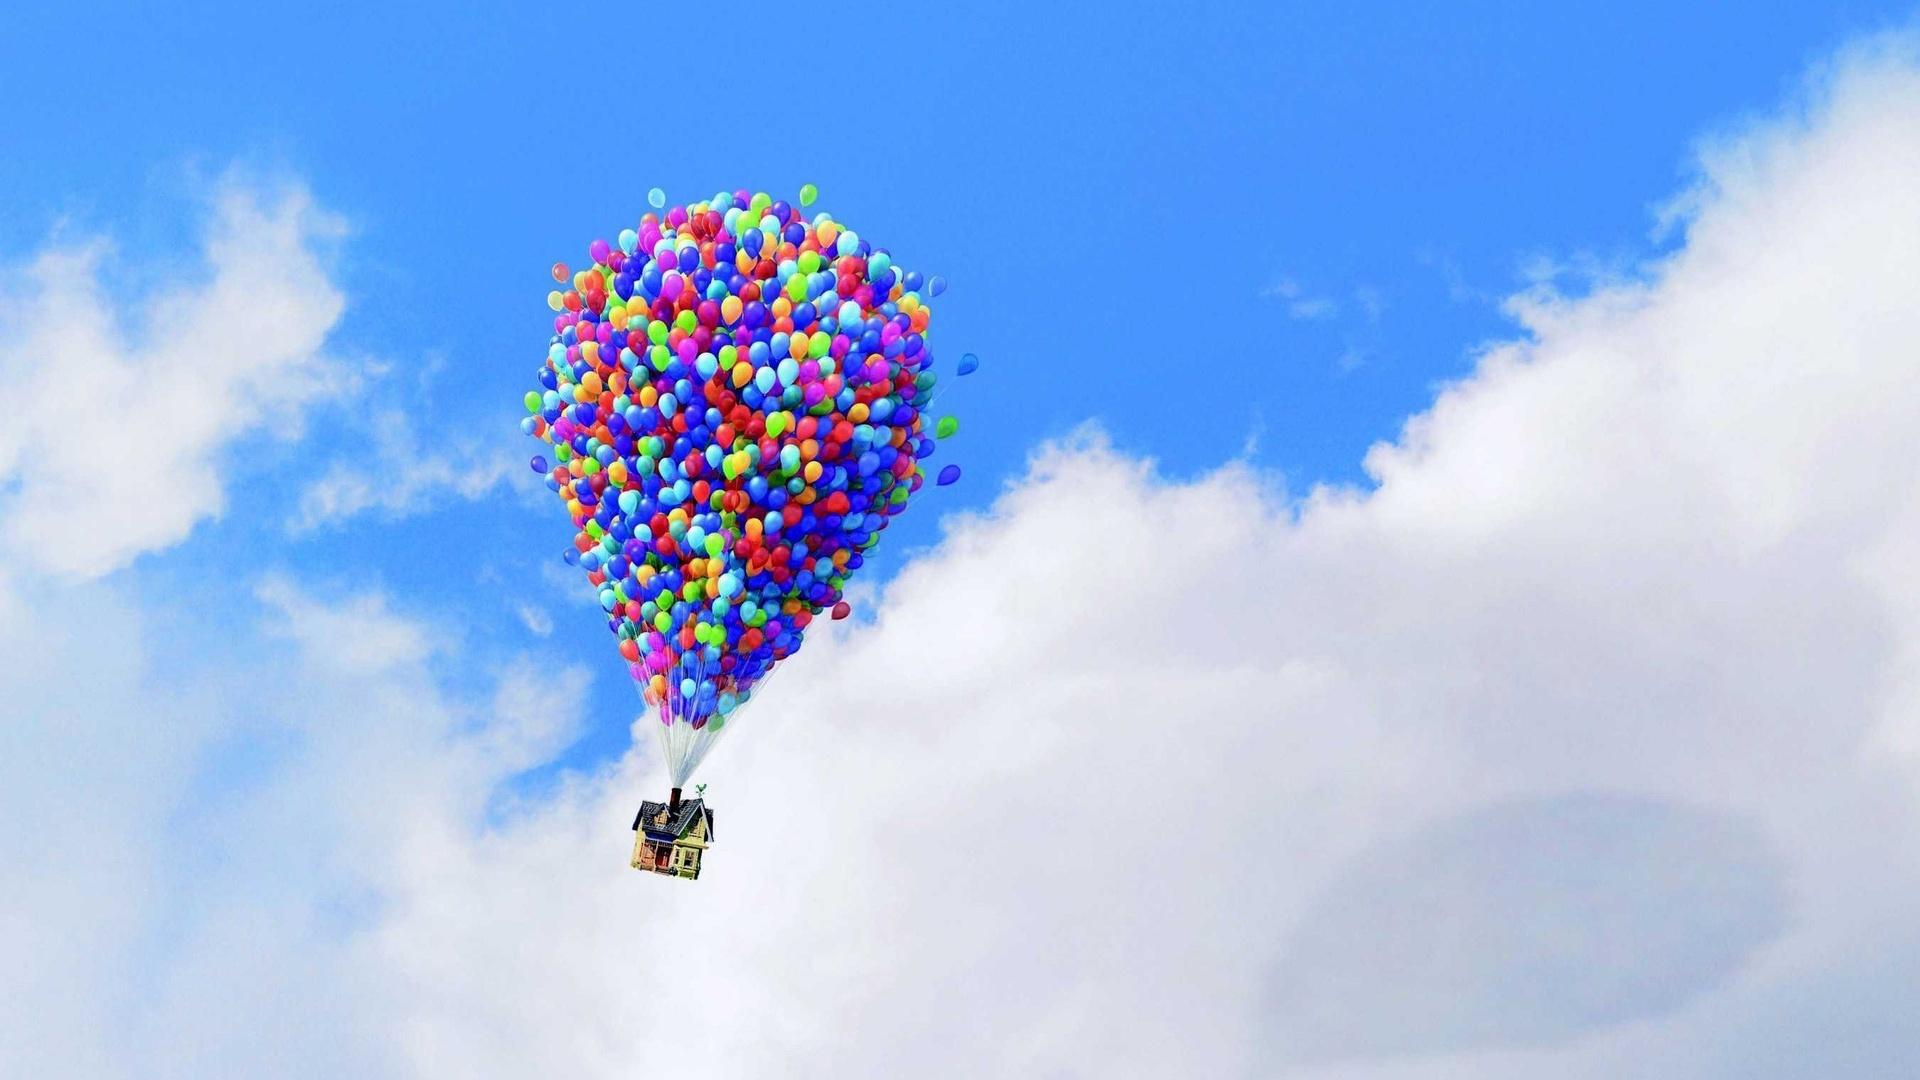 Pixar Wallpaper 3021